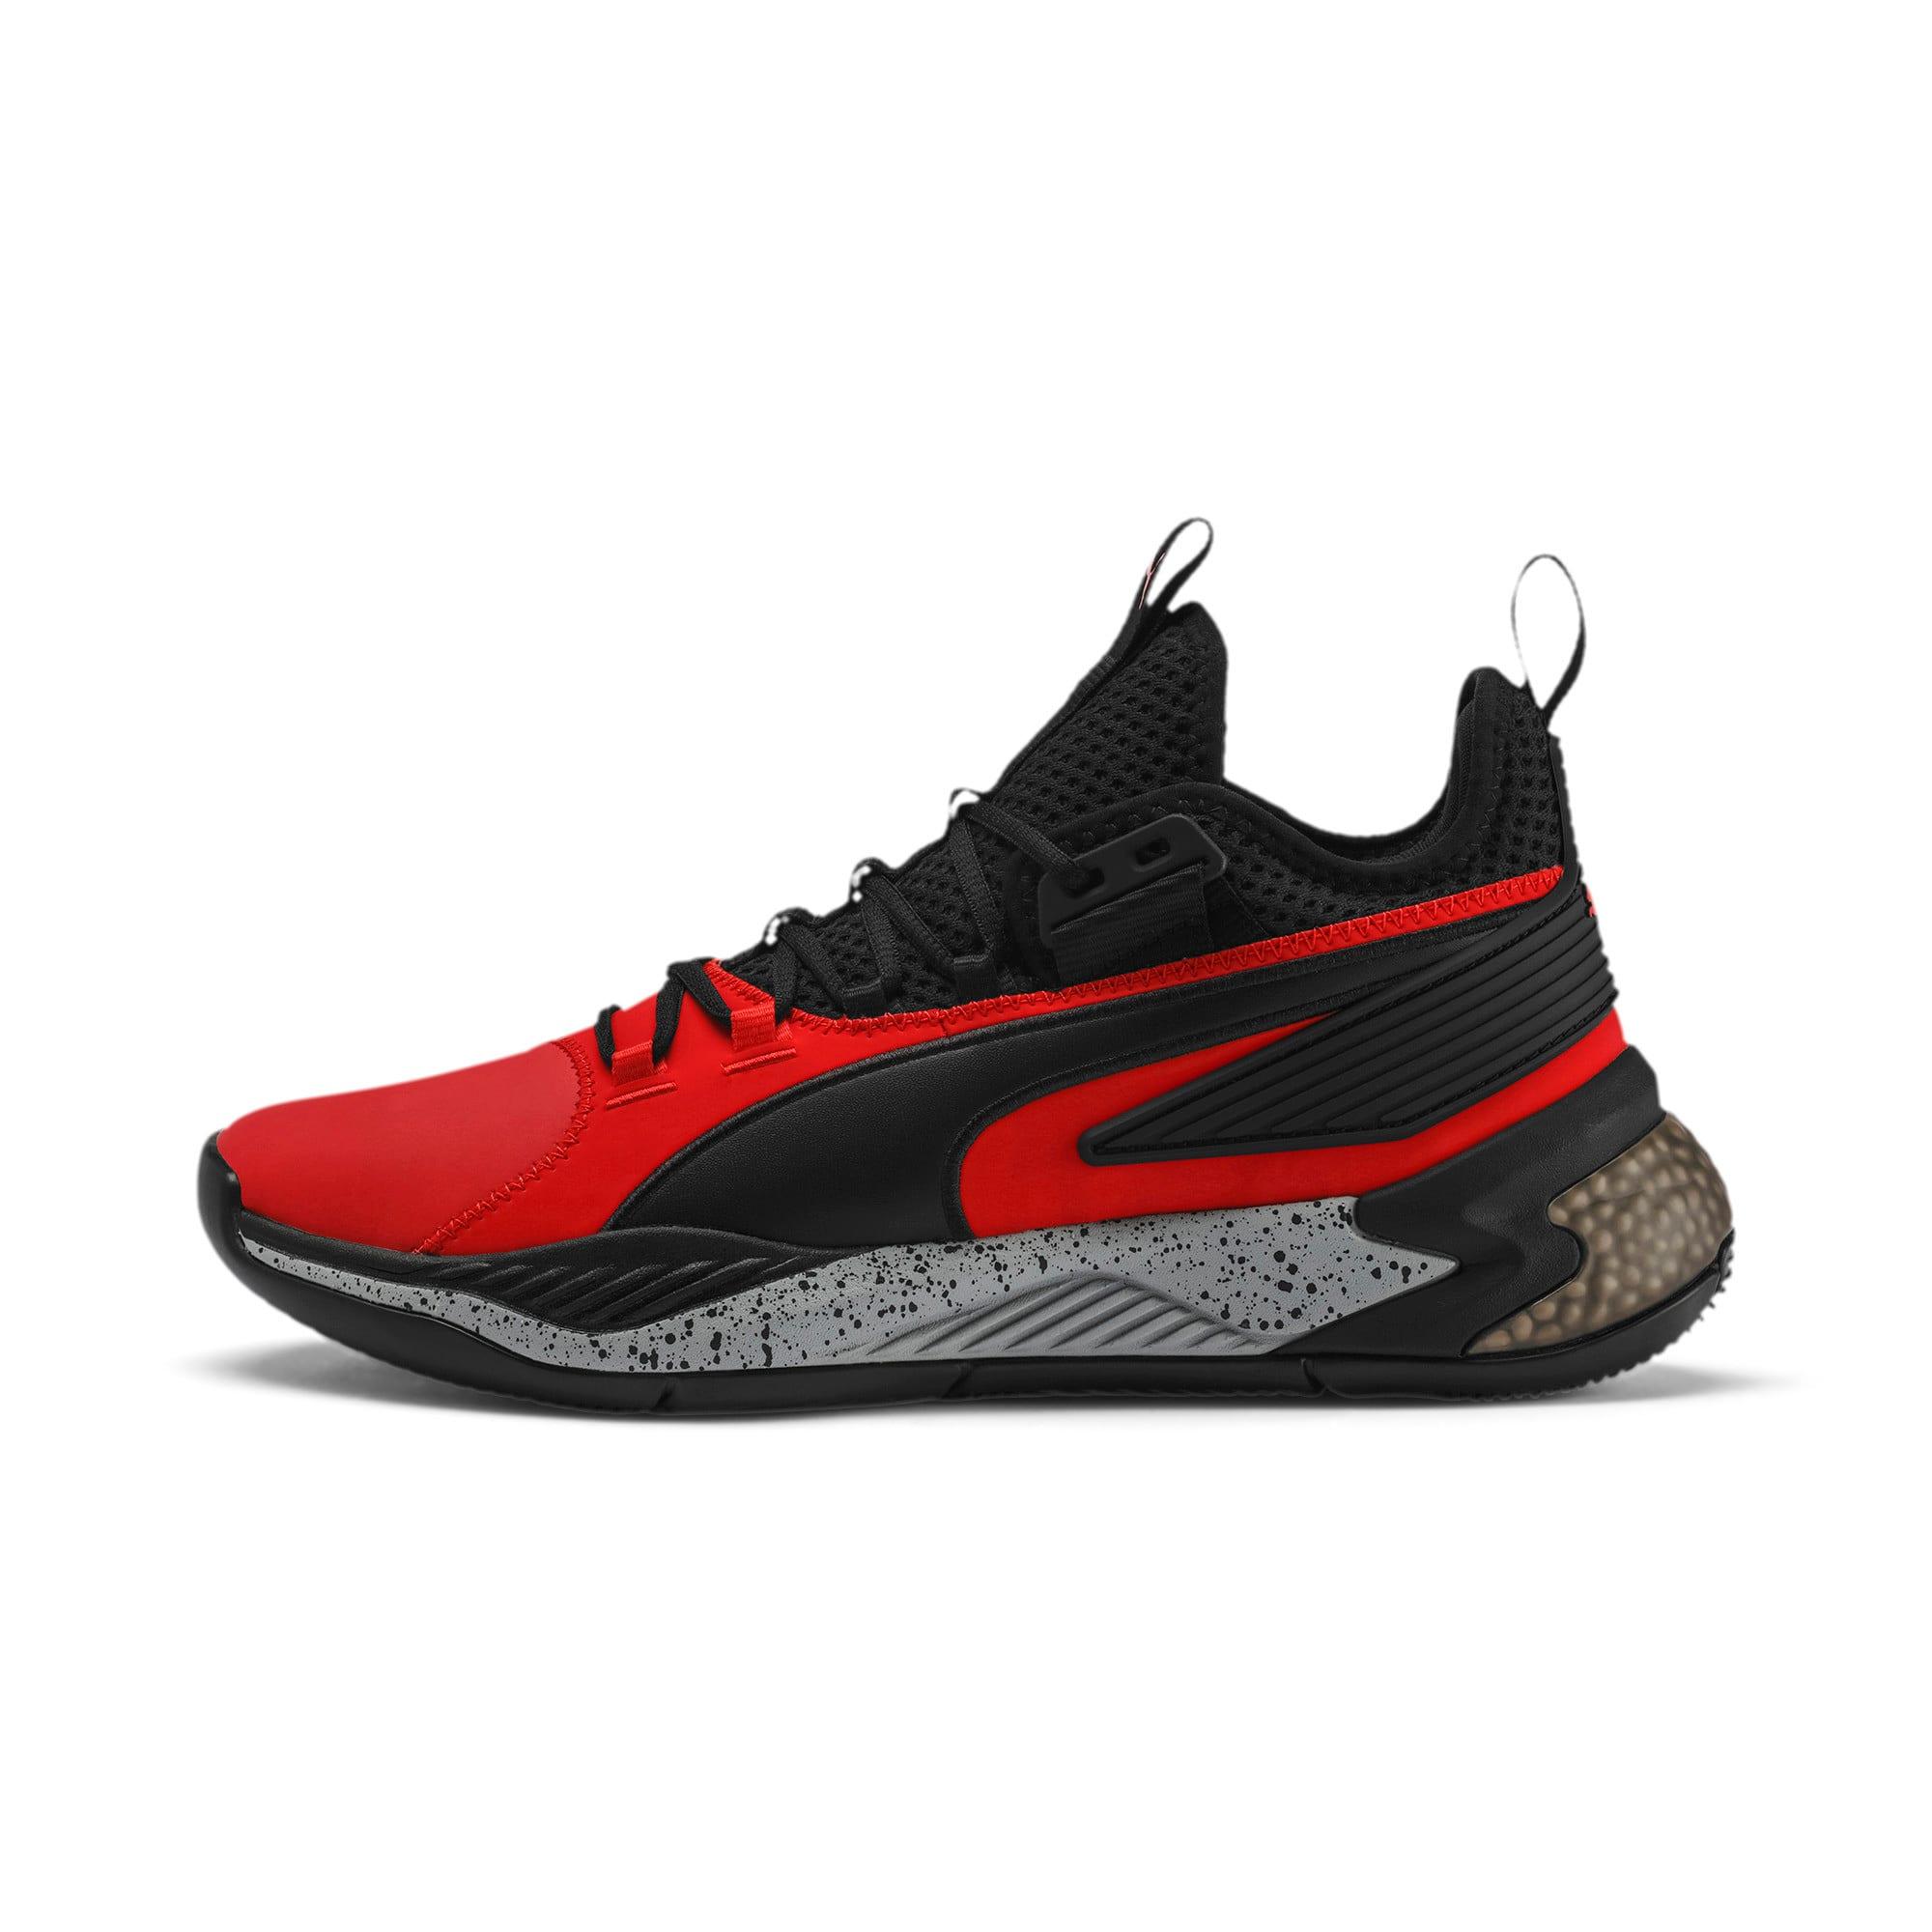 Thumbnail 1 of Uproar Core basketbalschoenen voor heren, High Risk Red-Puma Black, medium